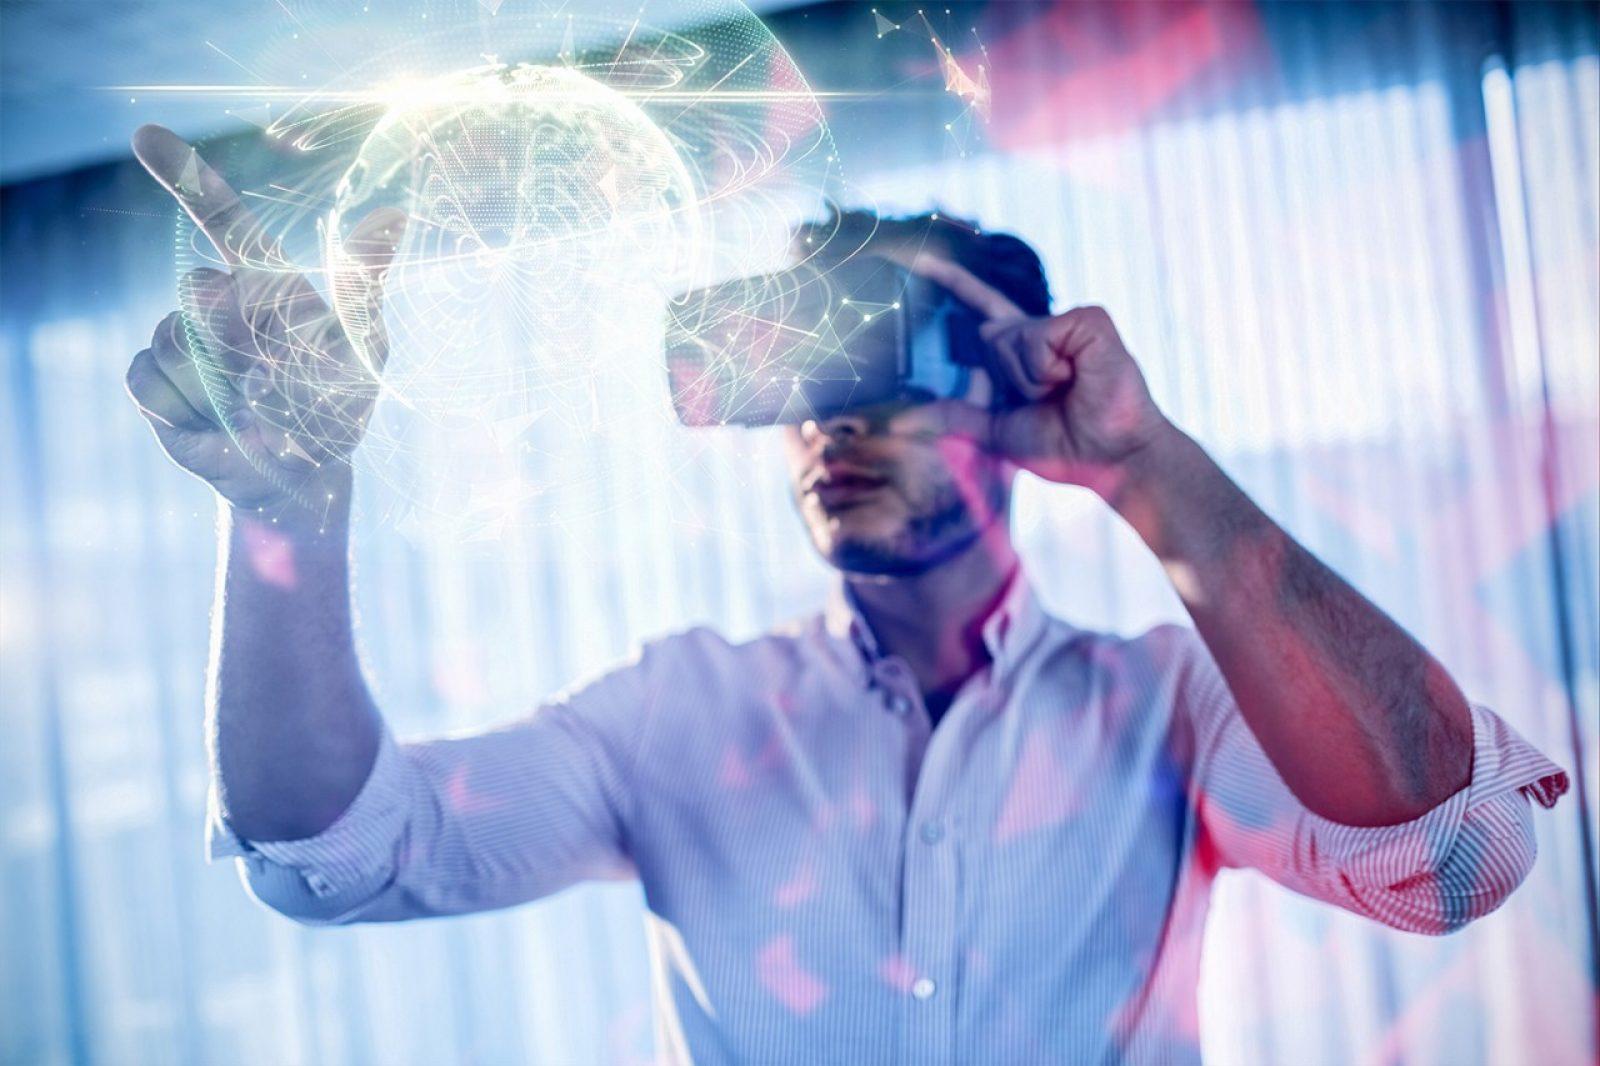 Realtà virtuale 5G WiFi 6